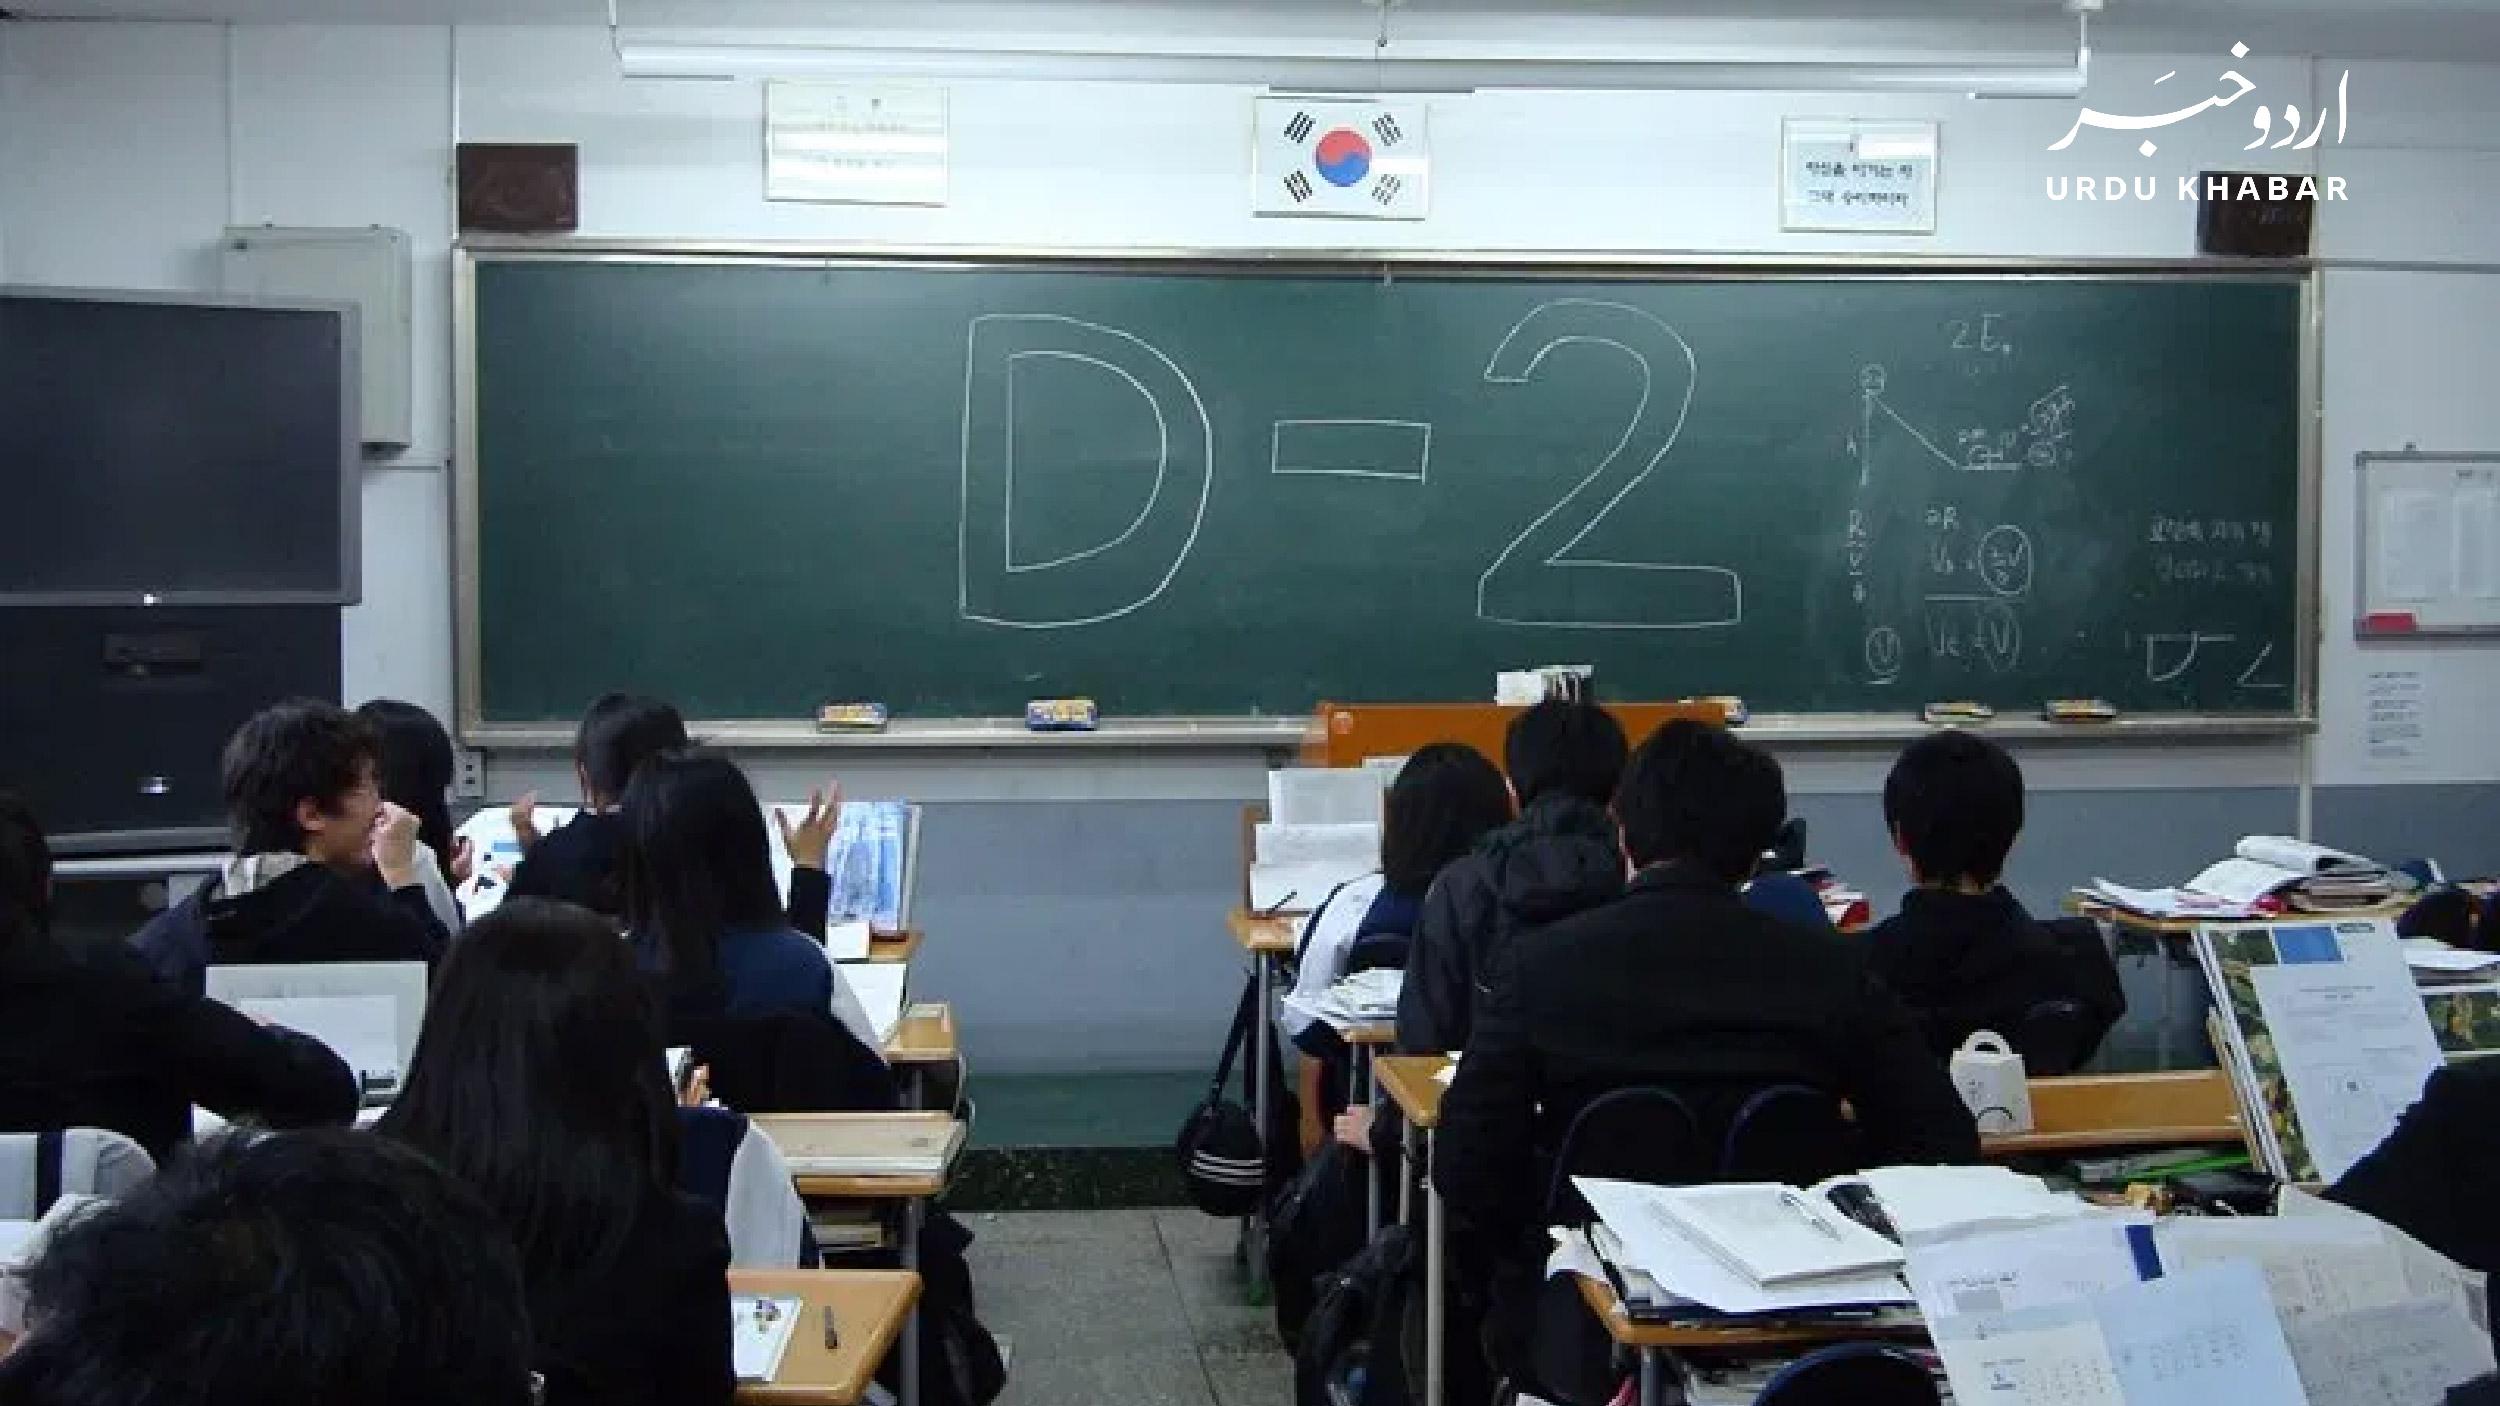 وفاقی وزارت تعلیم کی 24 نومبر سے اسکول بند کرنے کی تجویز پیش